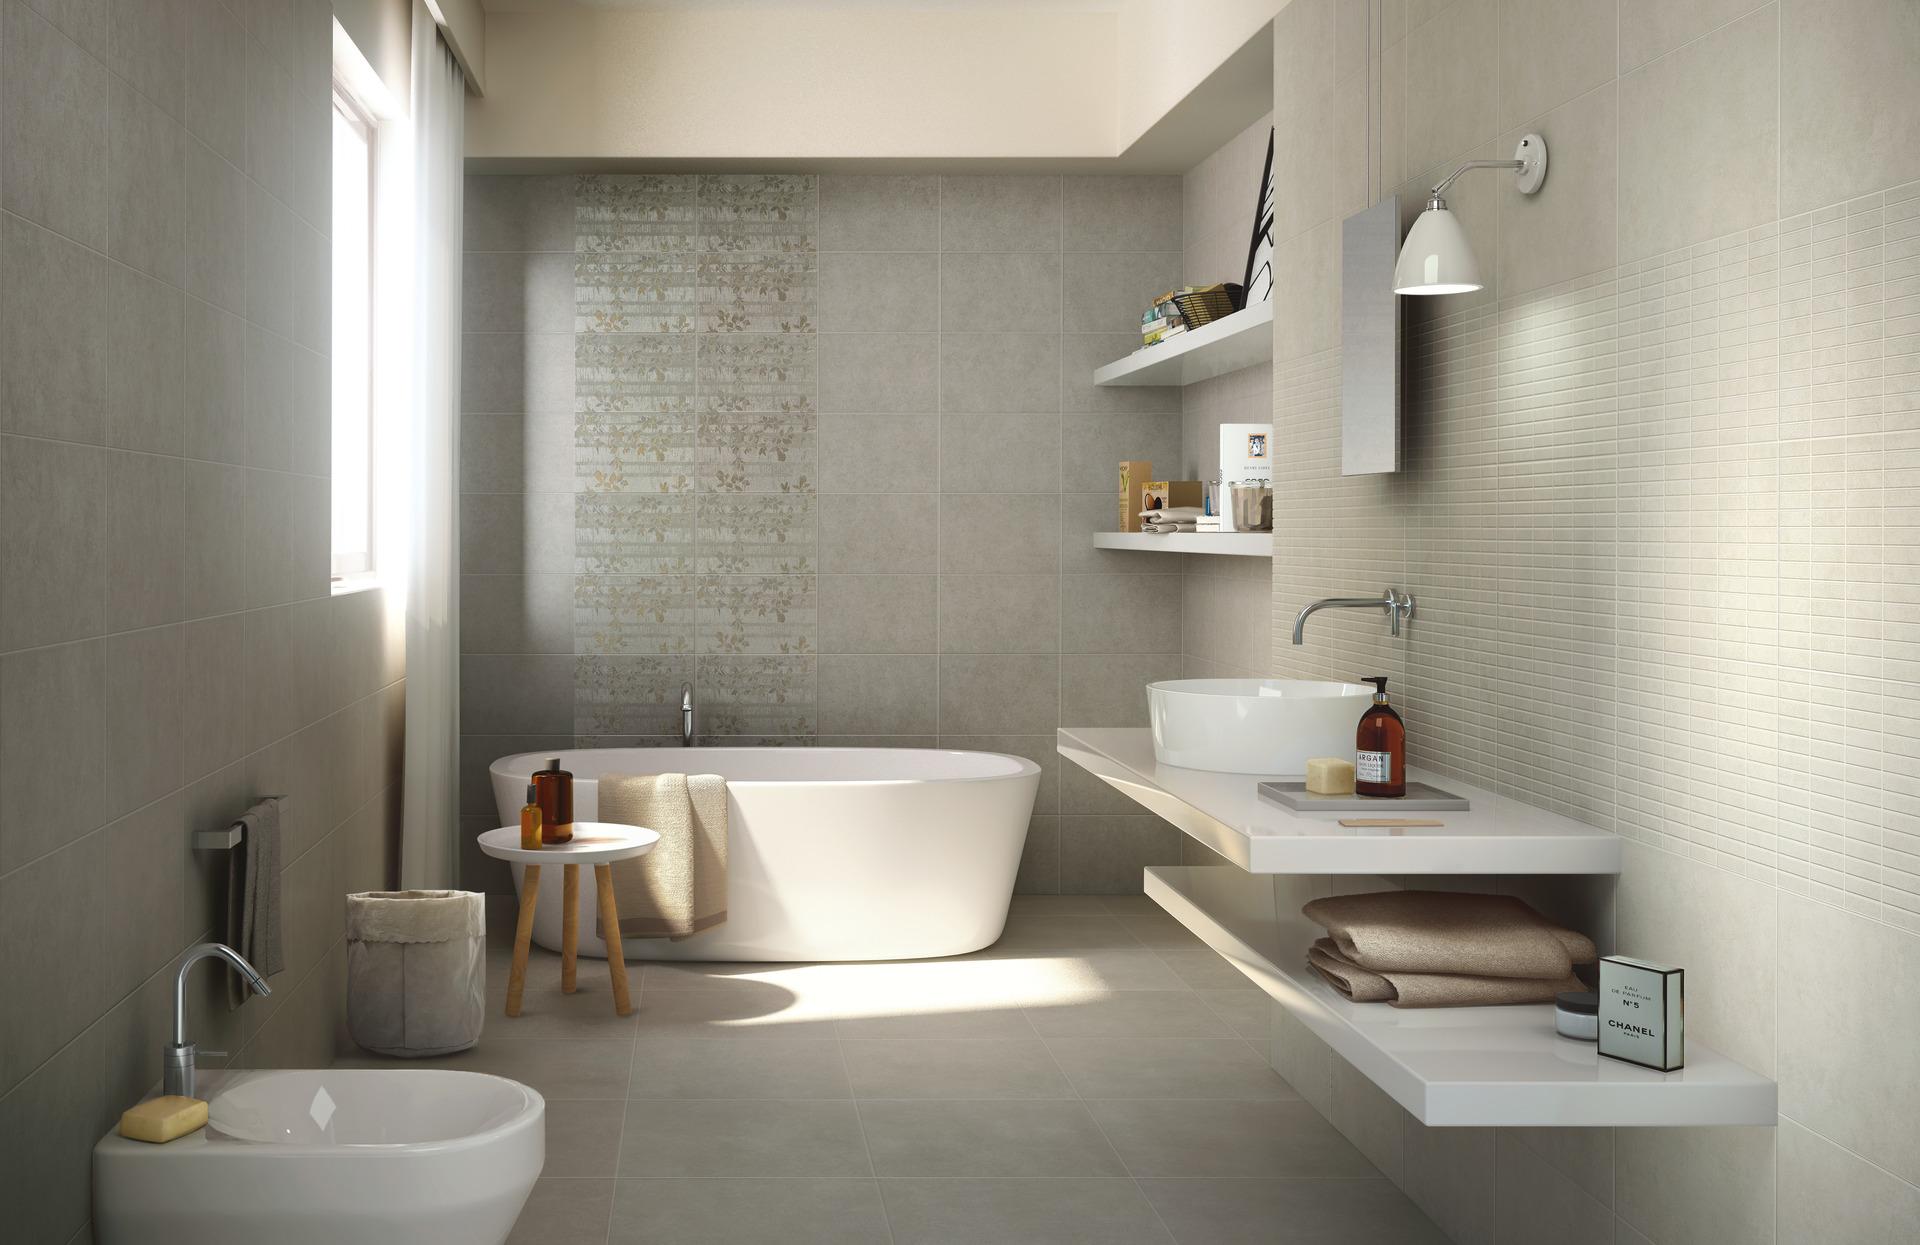 Collezione casablanca ceramica per bagno e cucina ragno - Piastrelle grigie bagno ...